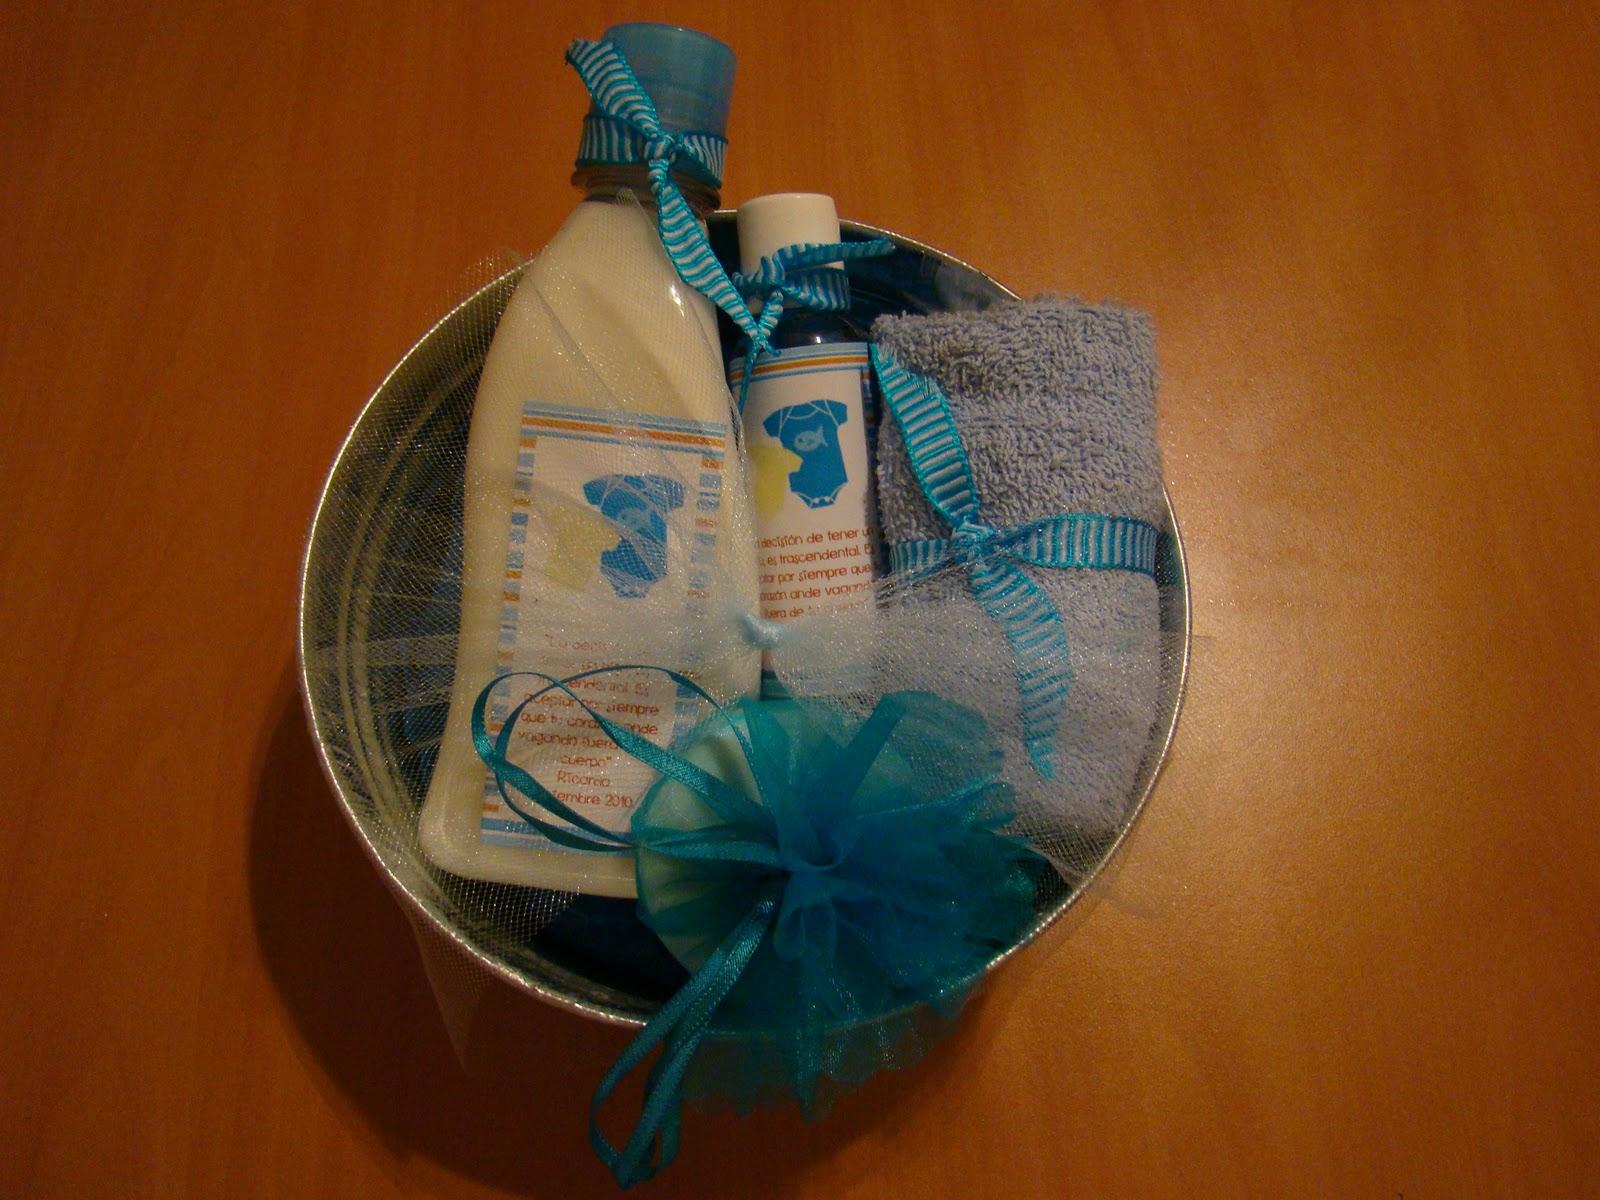 Jabon Para Tina De Baño:lindas tinas para baño con crema para manos personalizada gel